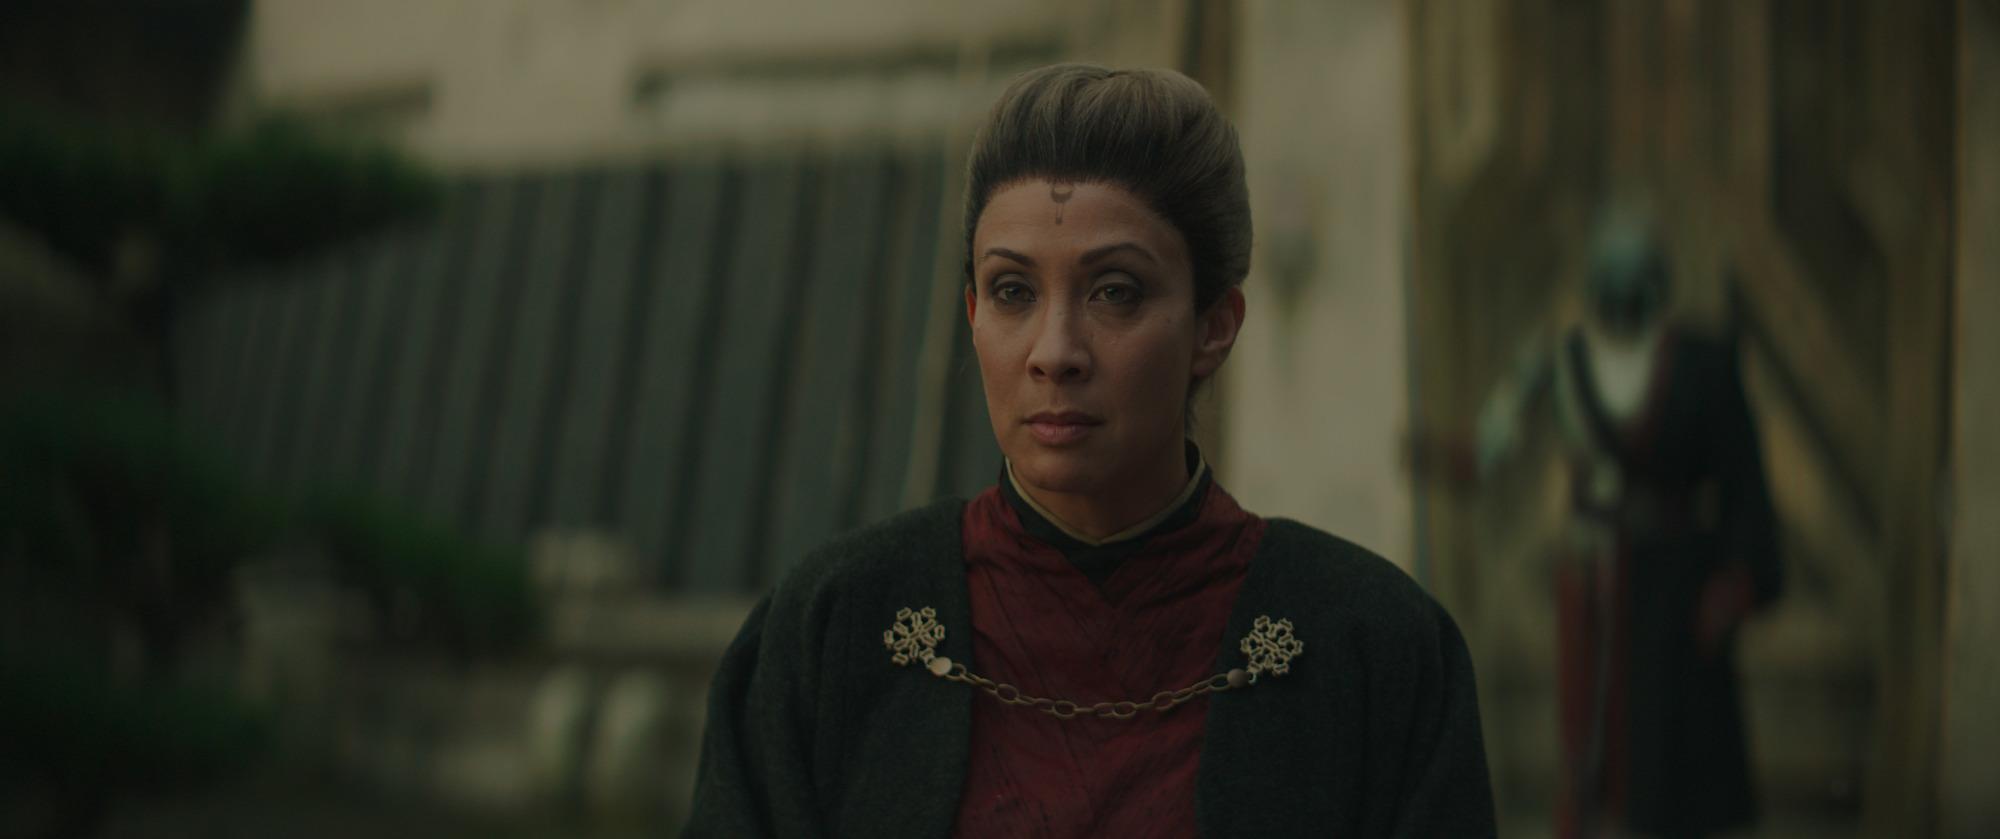 Le magistrat dans l'épisode 5 de 'The Mandalorian'